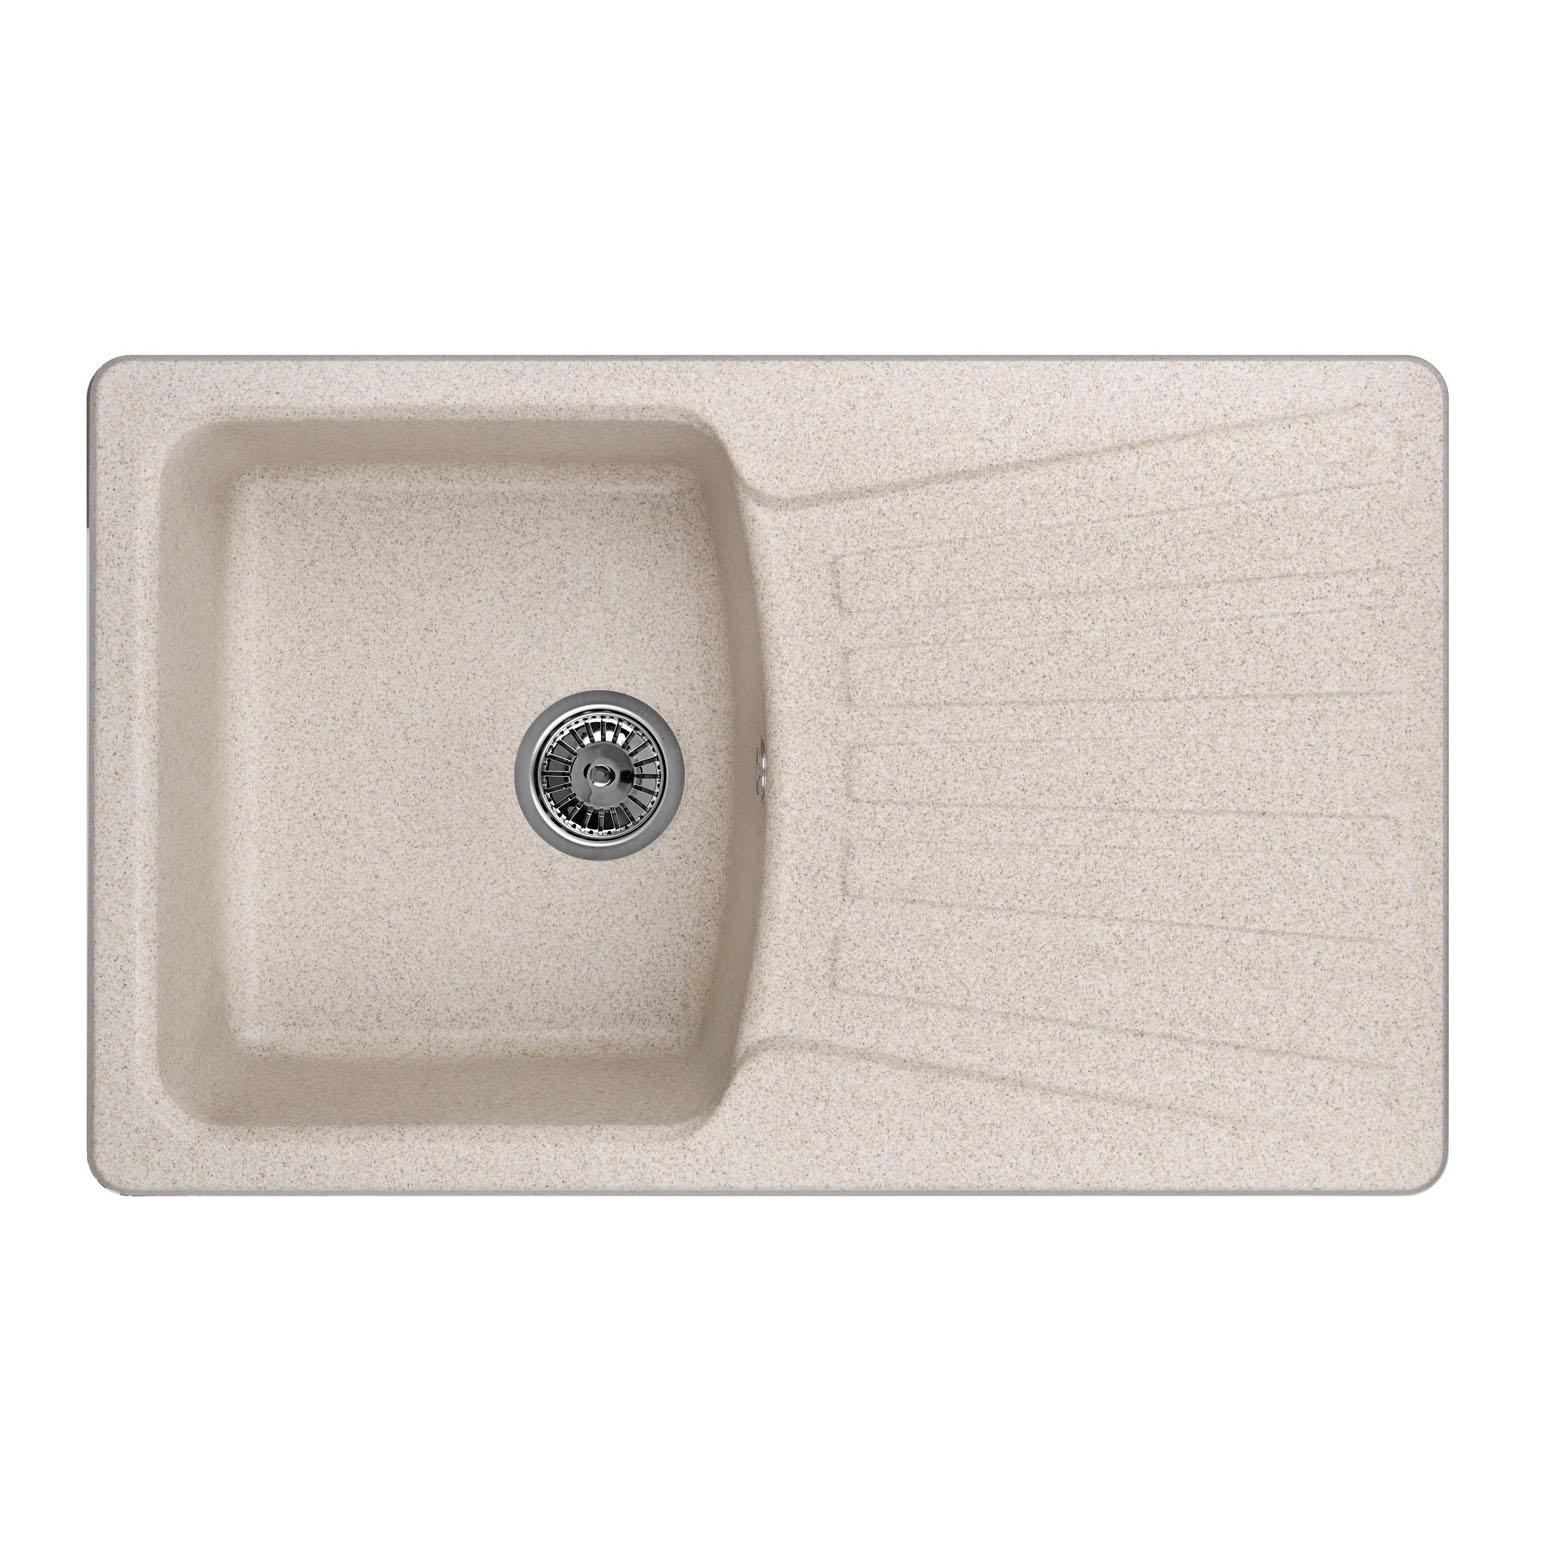 Кухонная мойка Granula GR-8001 790х500 классик кухонная мойка granula gr 8001 790х500 брют